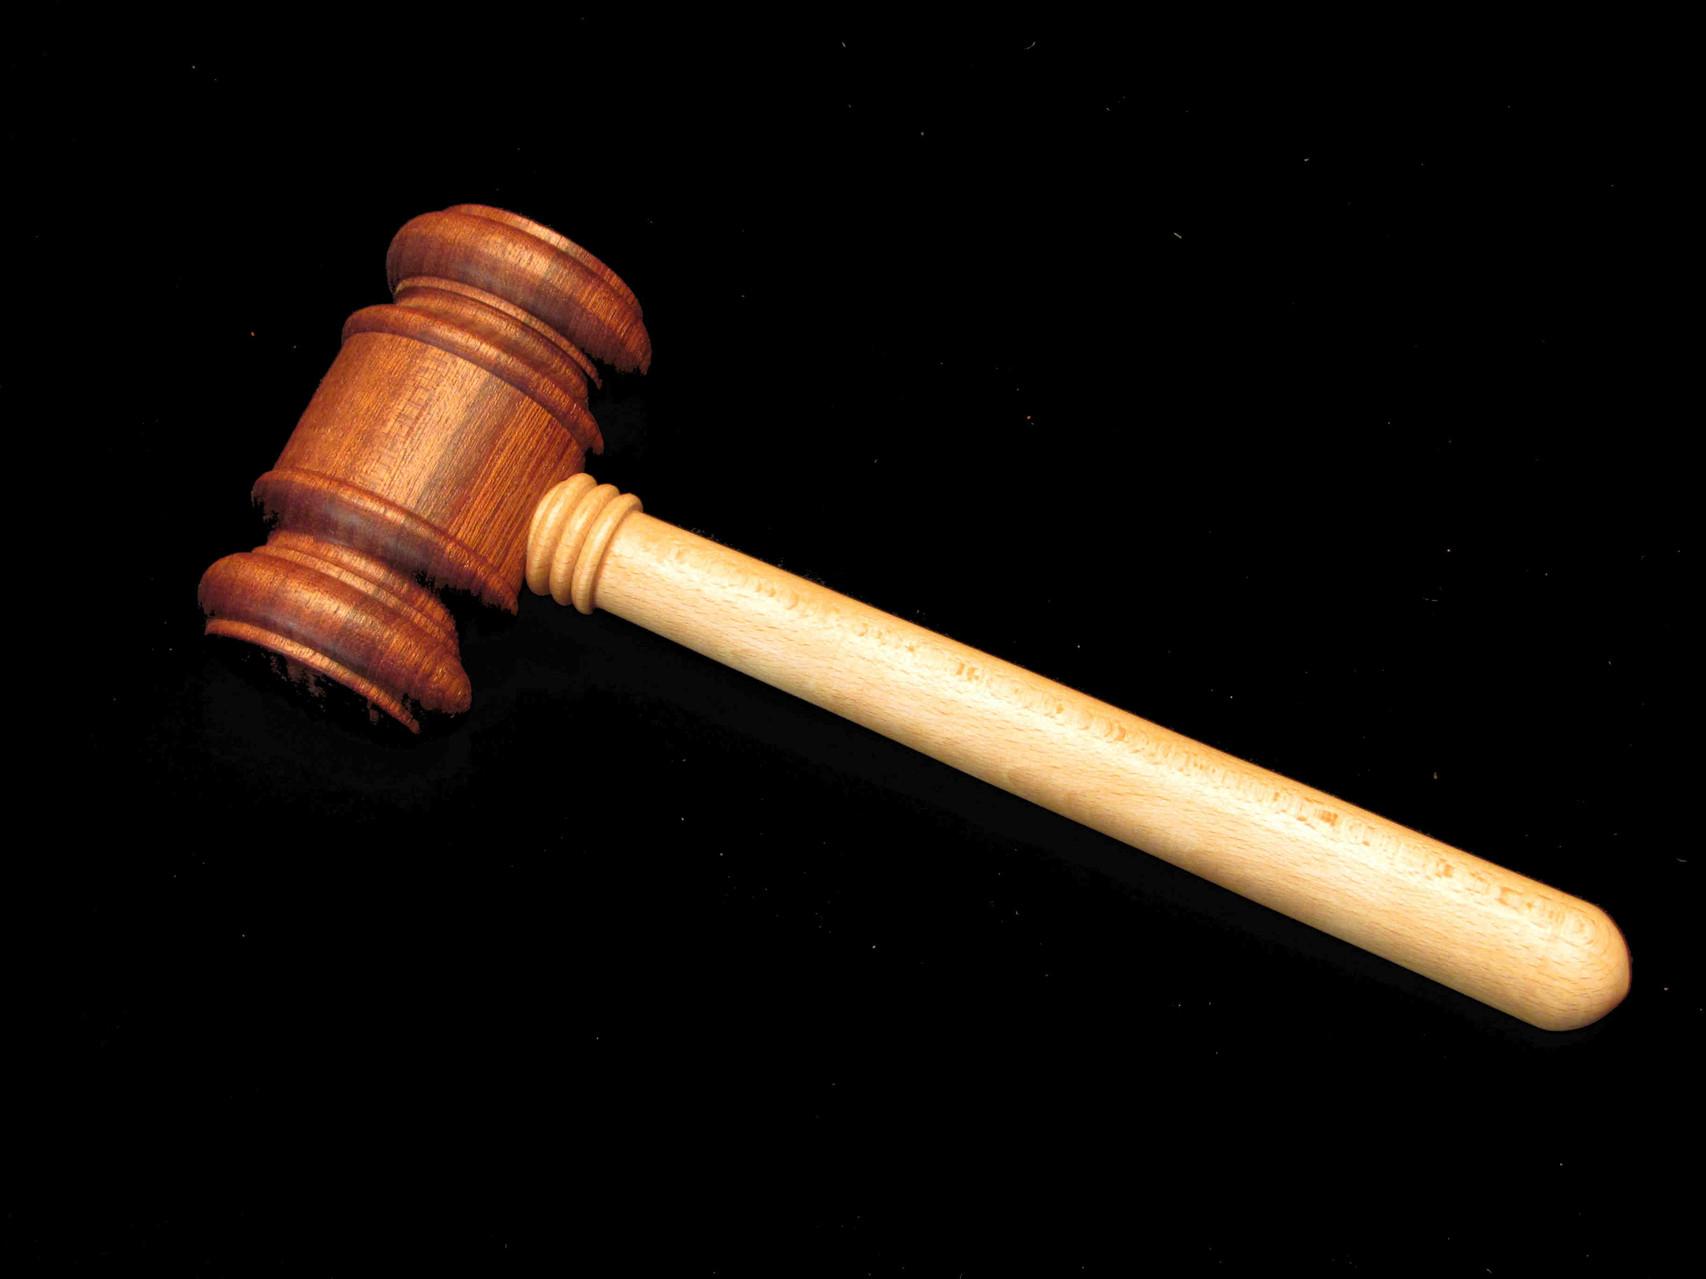 Versteigerungs- oder auch Gerichtshammer